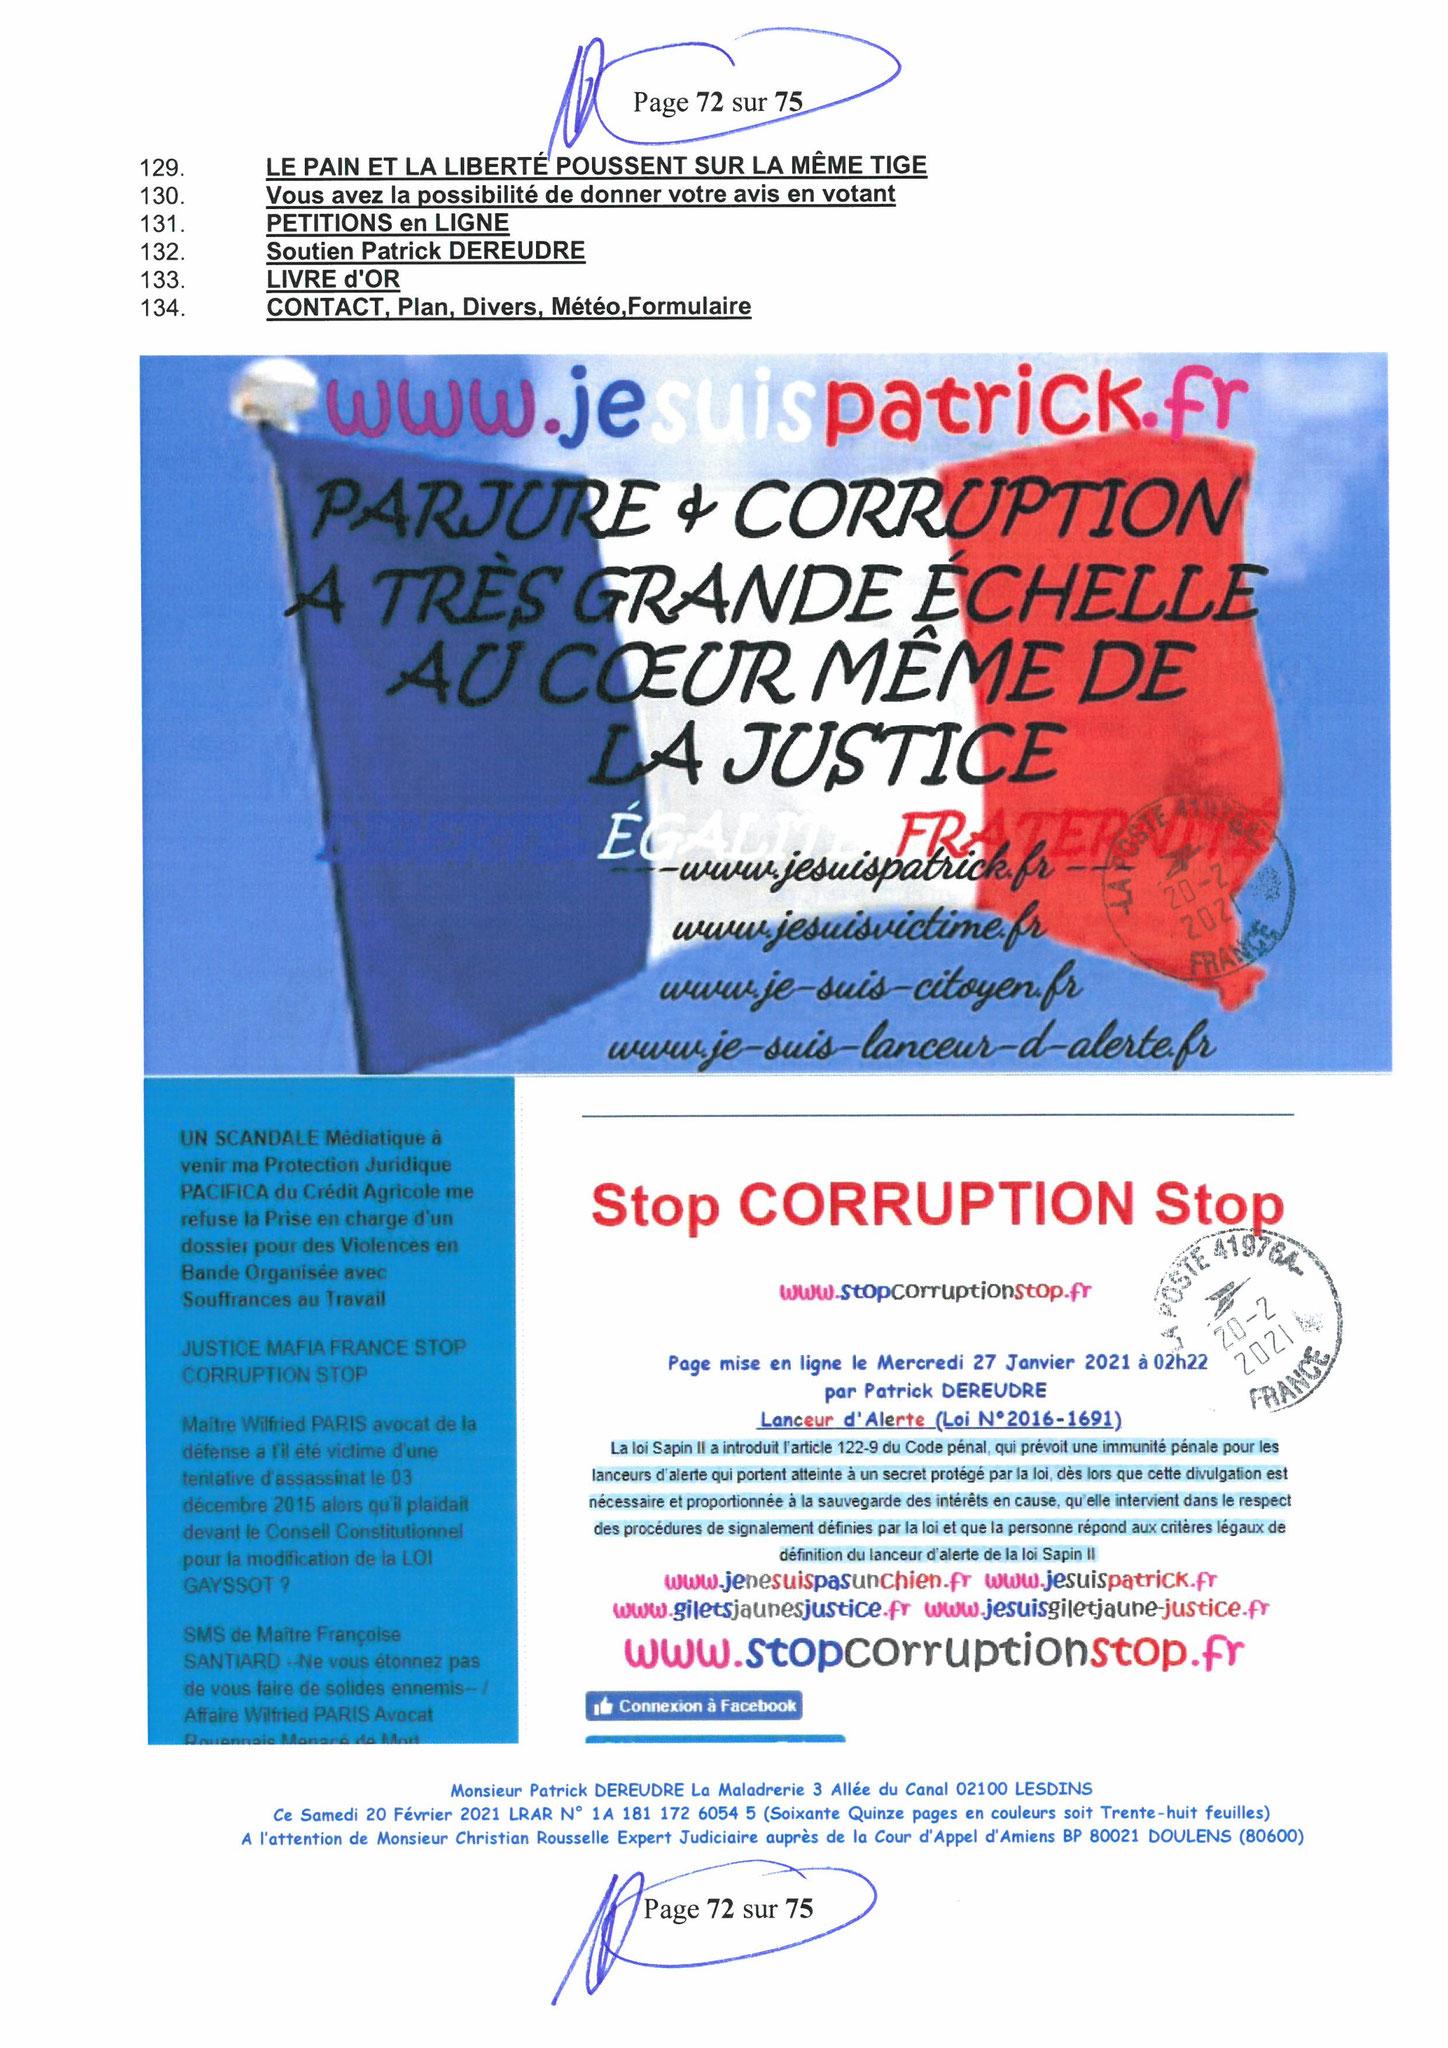 Page 72 Ma  Lettre Recommandée à Monsieur Christian ROUSSELLE Expert Judiciaire auprès de la Cour d'Appel d'Amiens Affaire MES CHERS VOISINS nos  www.jenesuispasunchien.fr www.jesuisvictime.fr www.jesuispatrick.fr PARJURE & CORRUPTION JUSTICE REPUBLIQUE